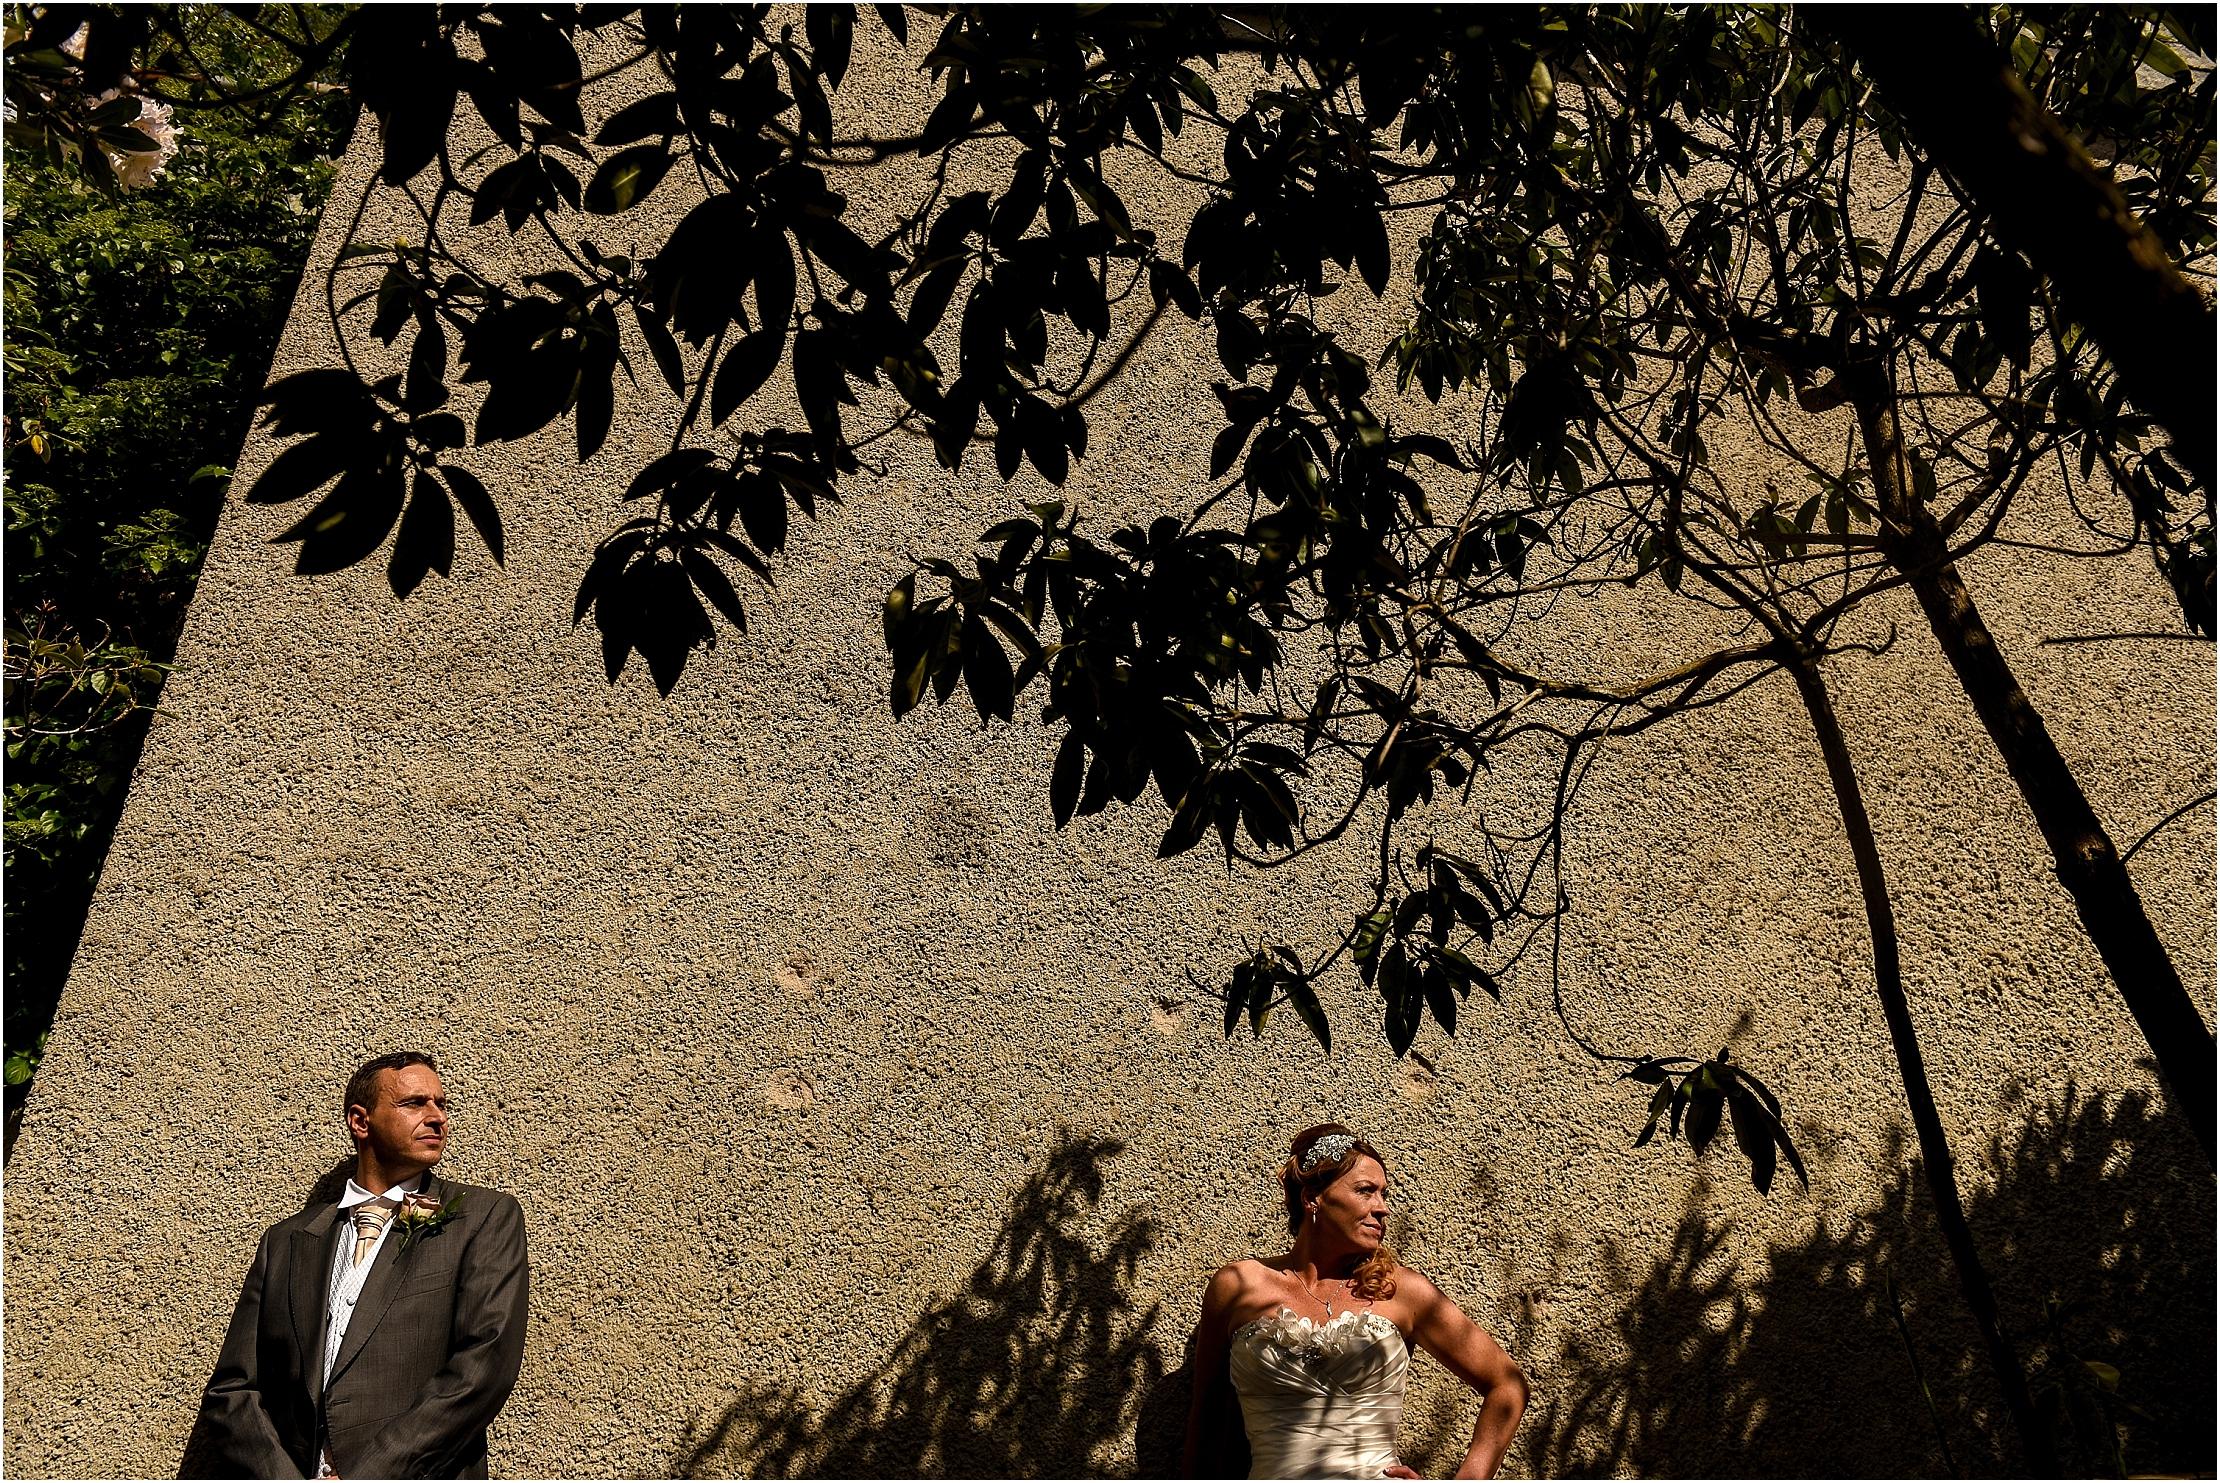 lodore-falls-hotel-wedding- 061.jpg